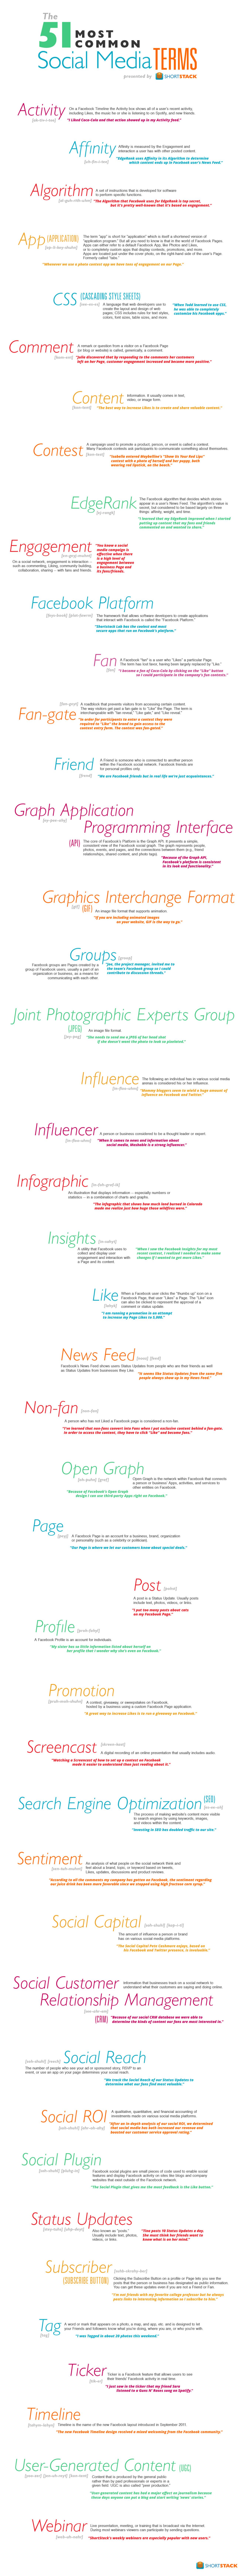 51 palabras más usadas del Social Media